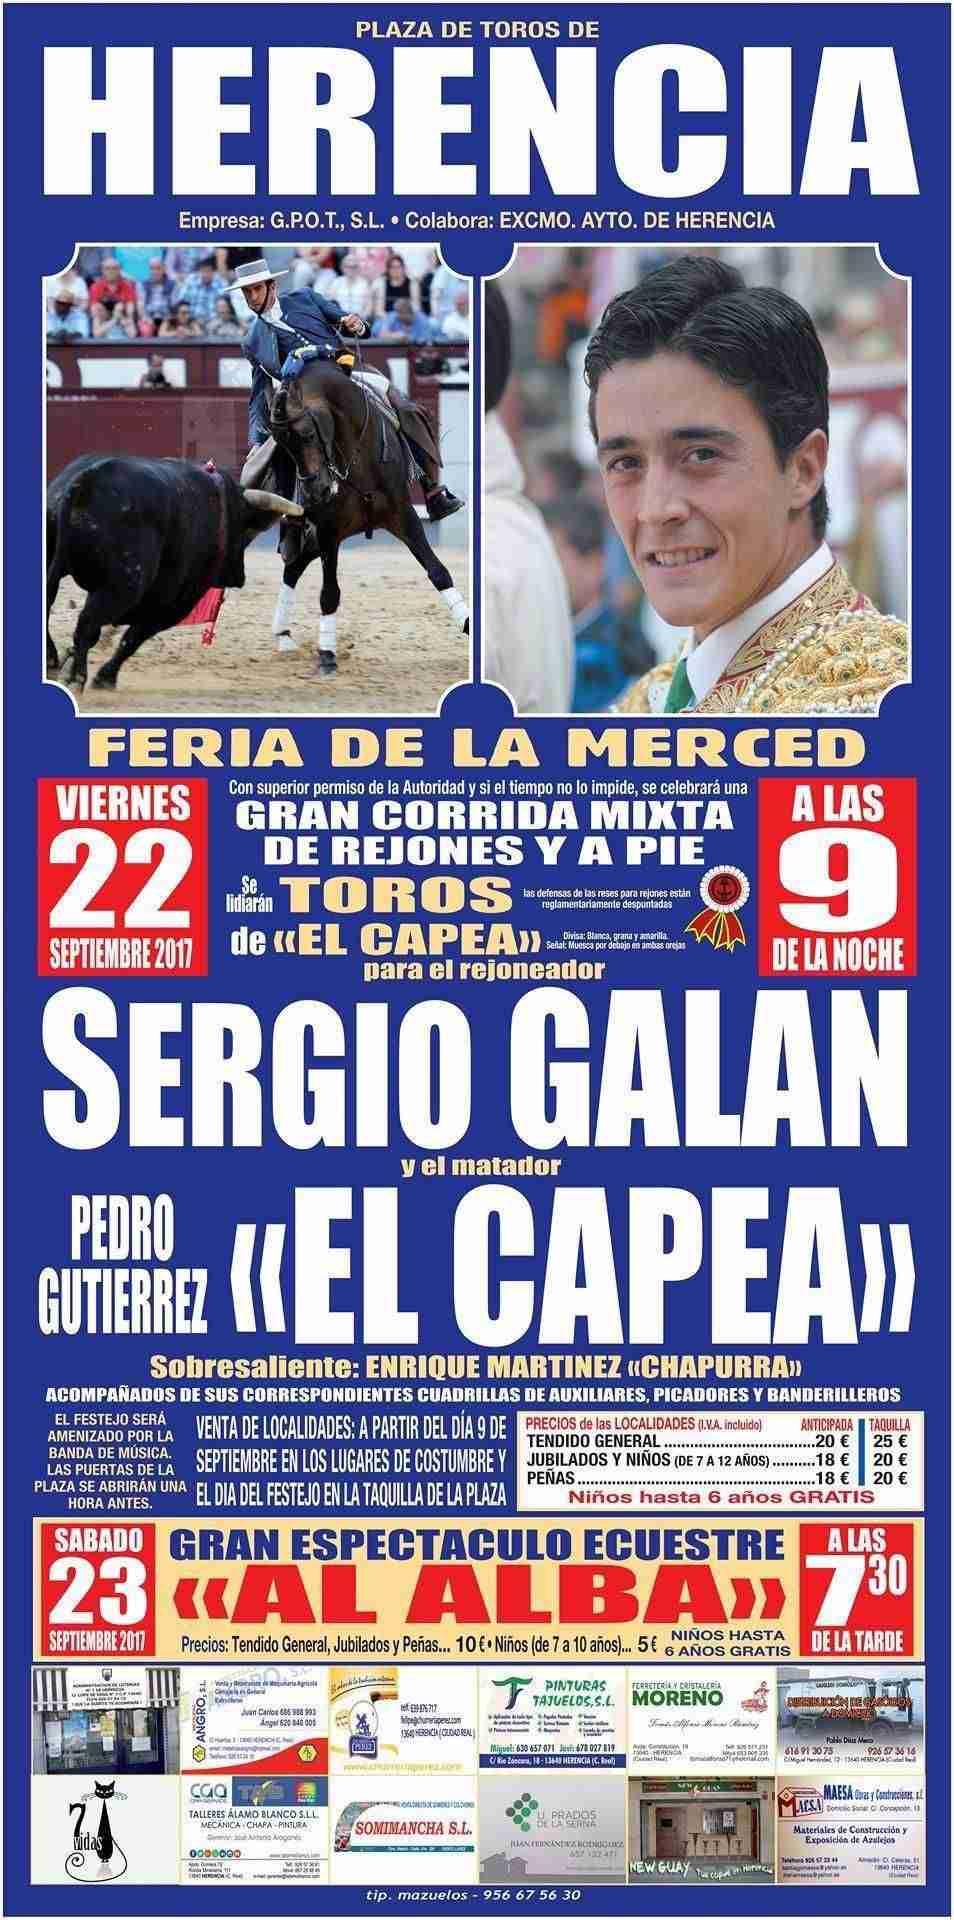 Cartel de la corrida de toros de Herencia (Ciudad Real)